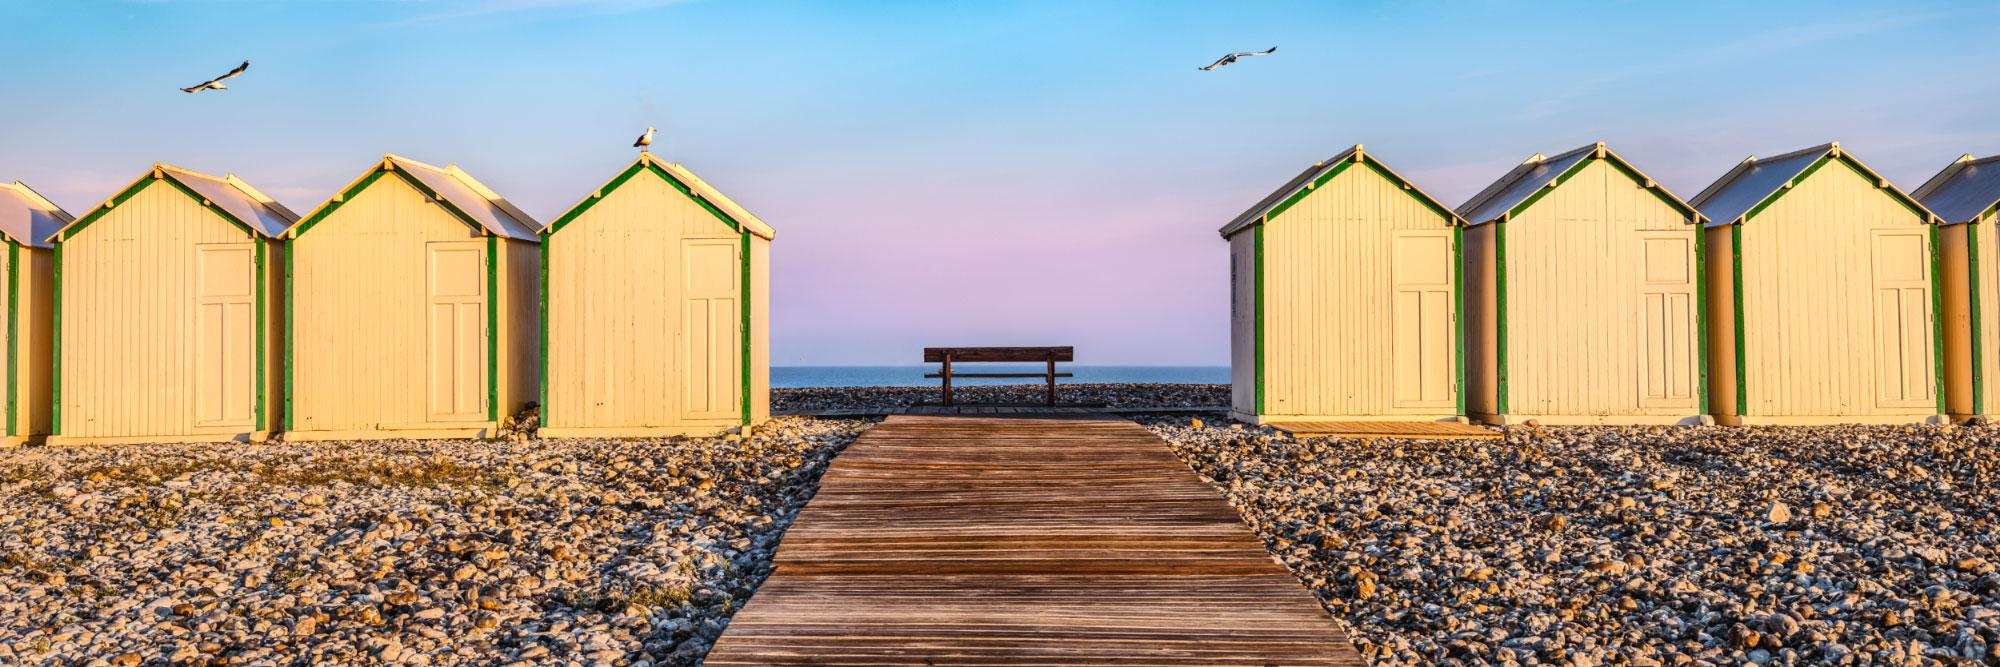 Cabines de bains, Cayeux-sur-Mer, Manche